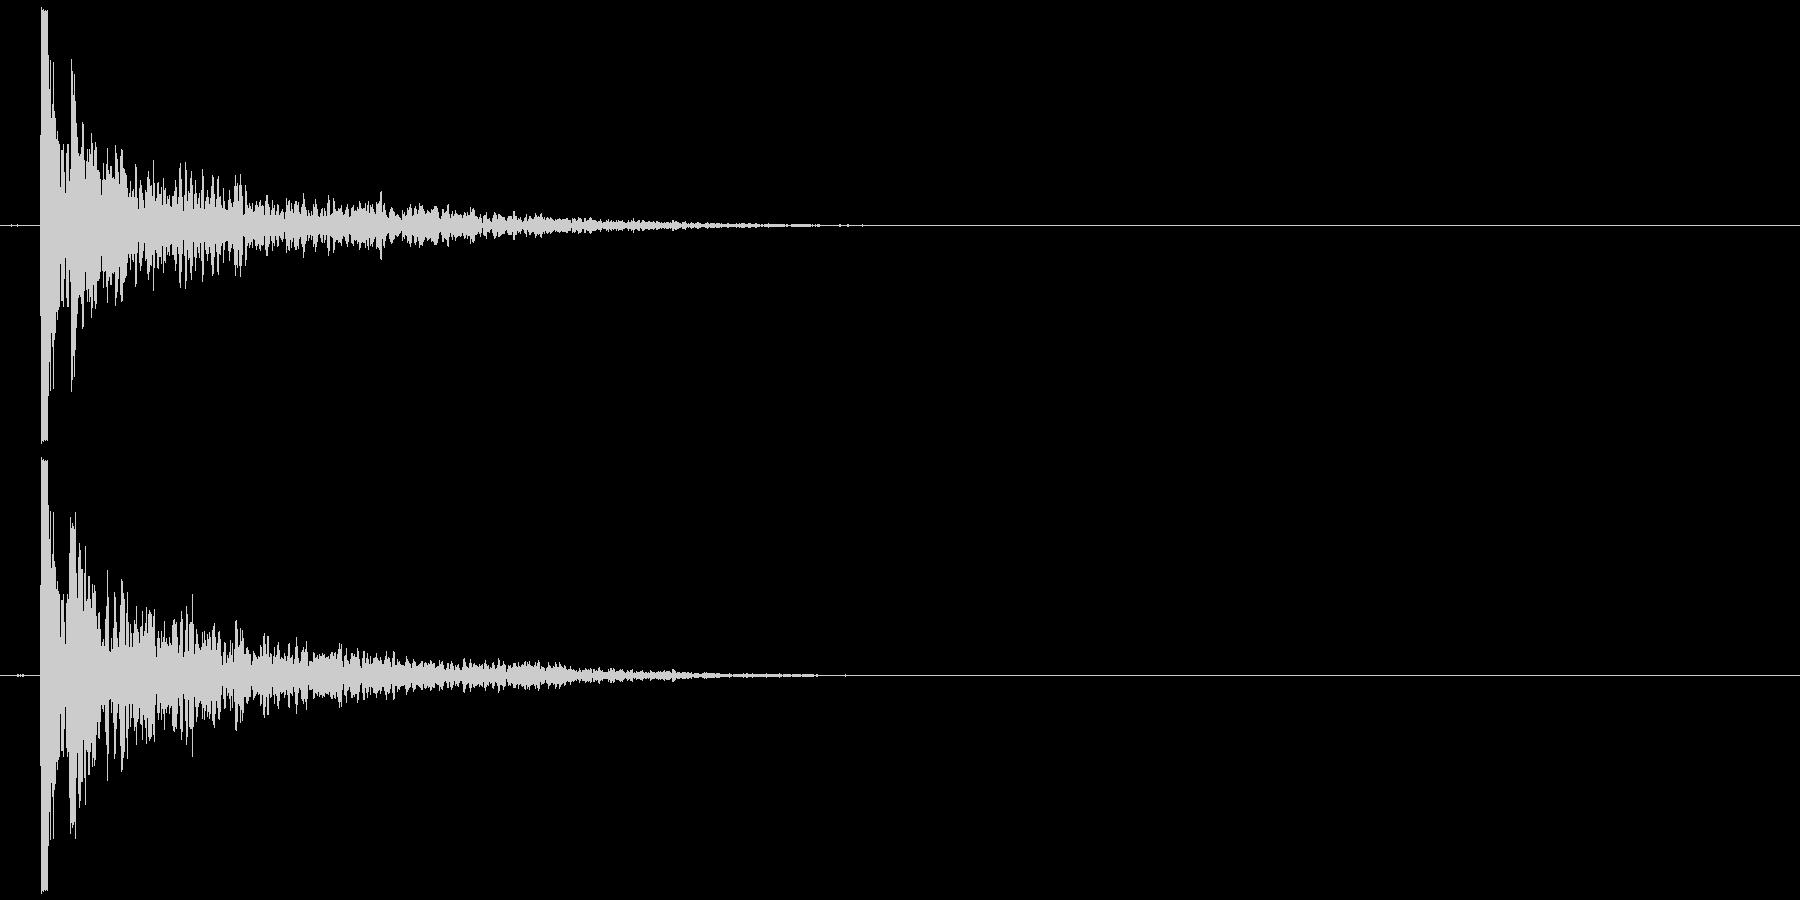 叩く音 31の未再生の波形